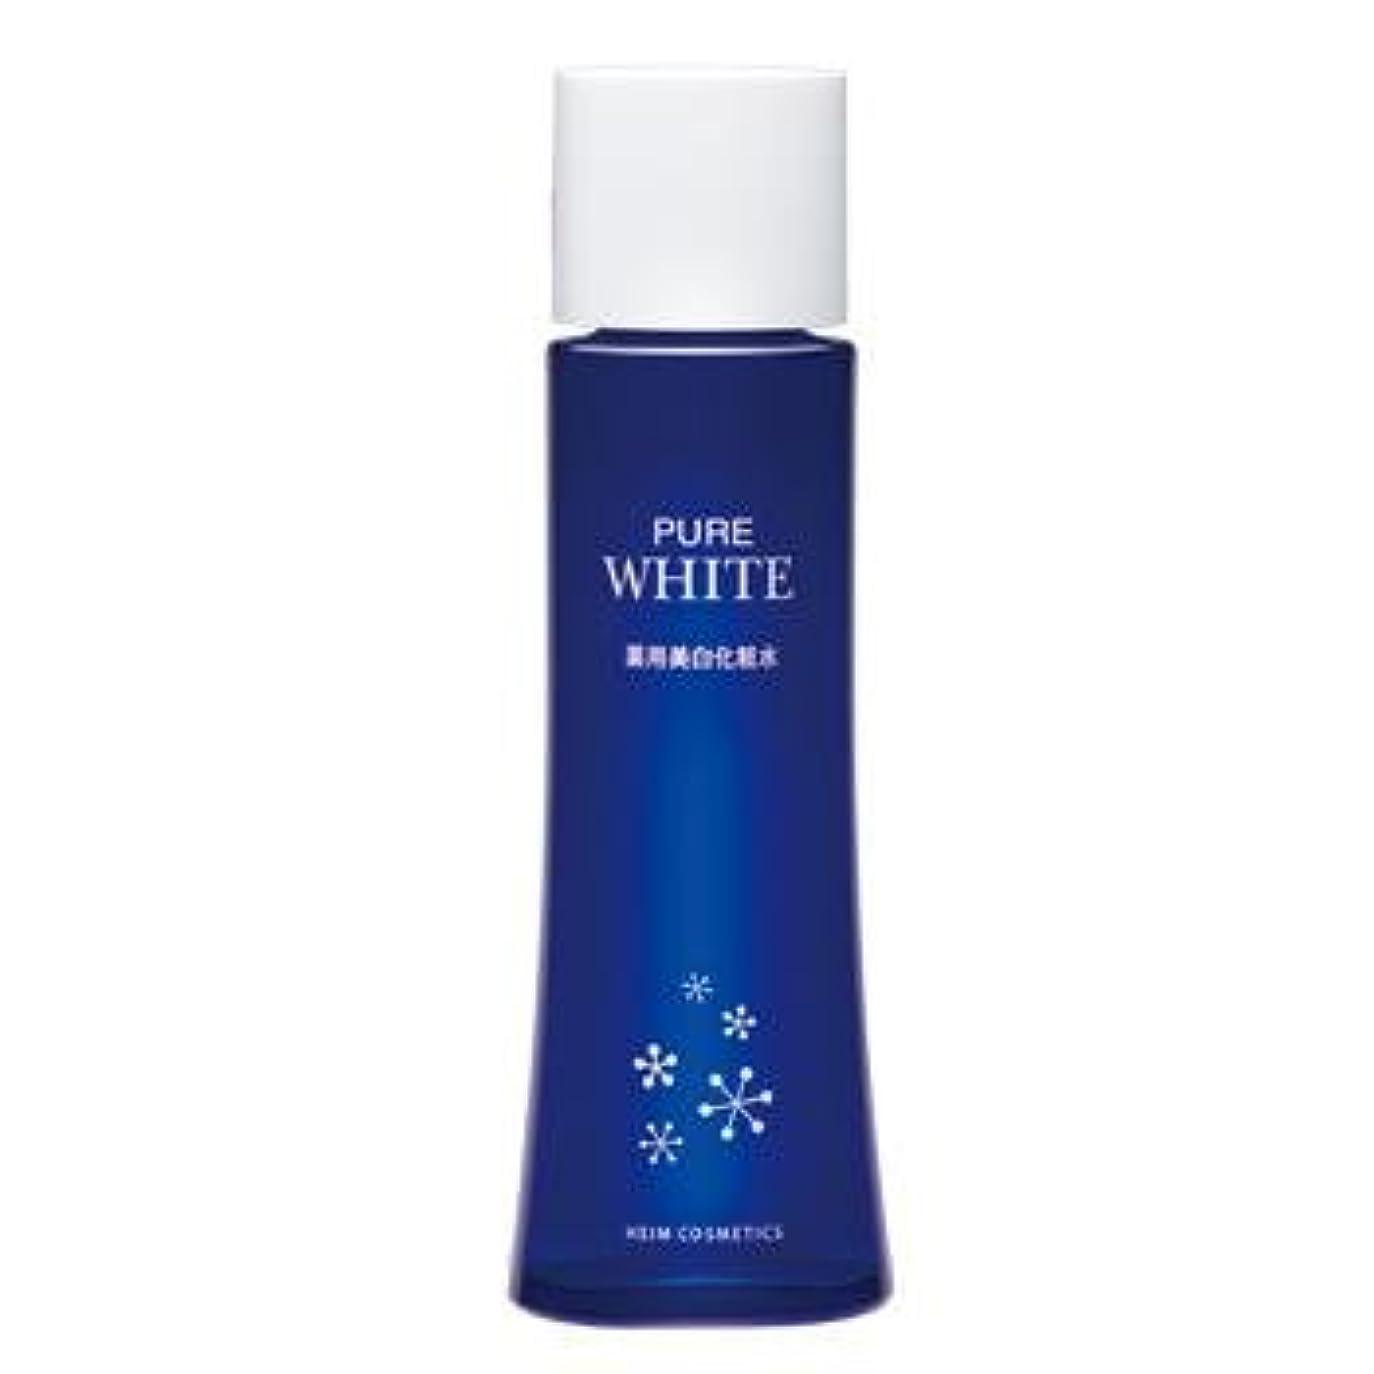 ハイム化粧品/薬用ピュアホワイト/化粧水(しっとり)【乾燥しやすい肌に美白とうるおいを】